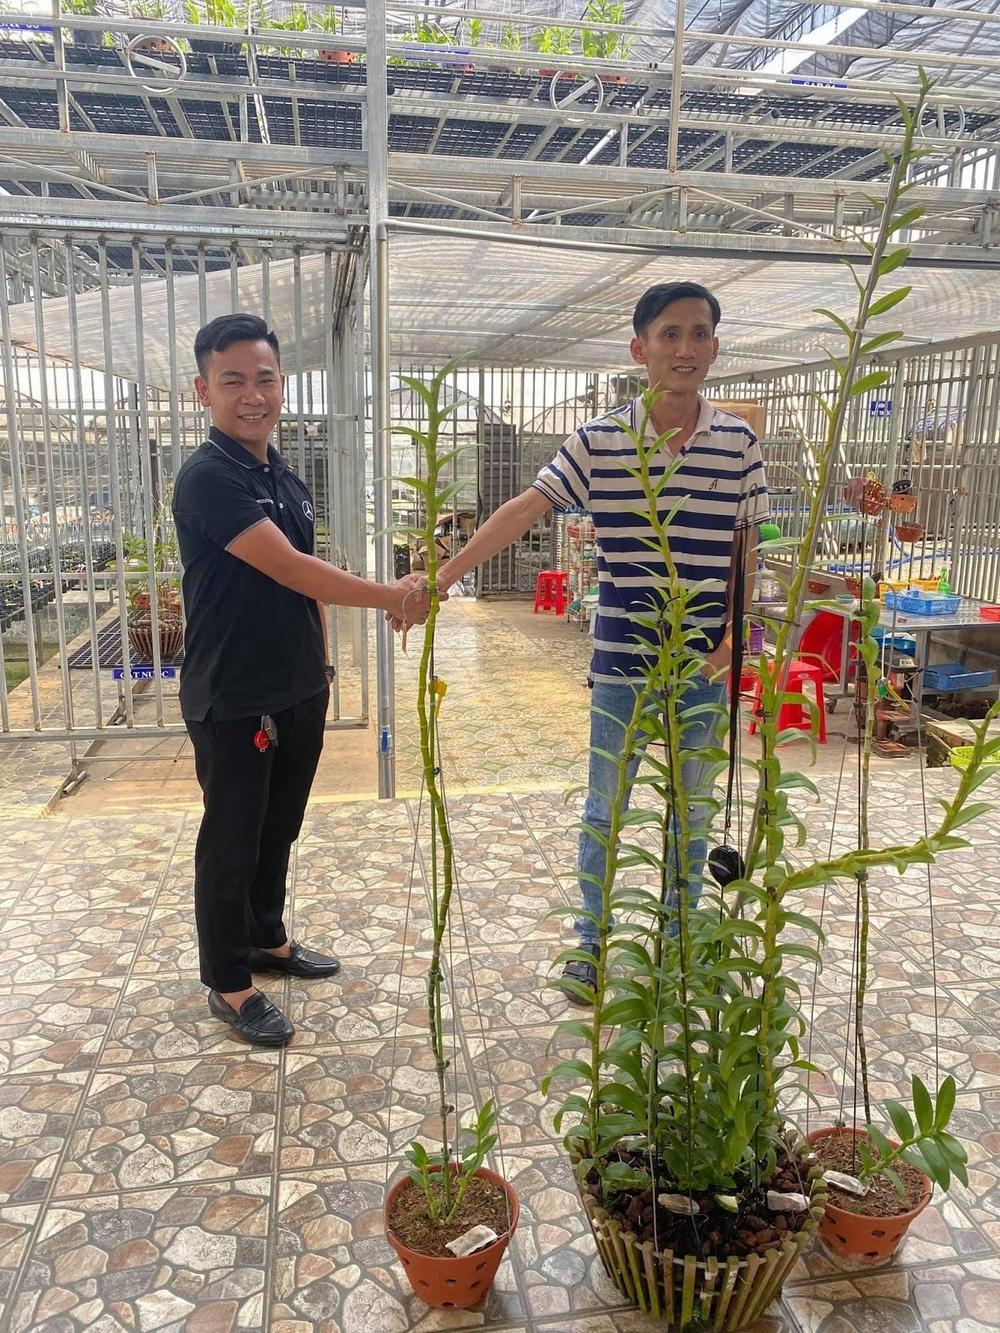 Nghệ nhân hoa lan Trần Quốc Hoà: Hành trình khởi nghiệp thành công đến từ niềm đam mê mãnh liệt với hoa lan Ảnh 3